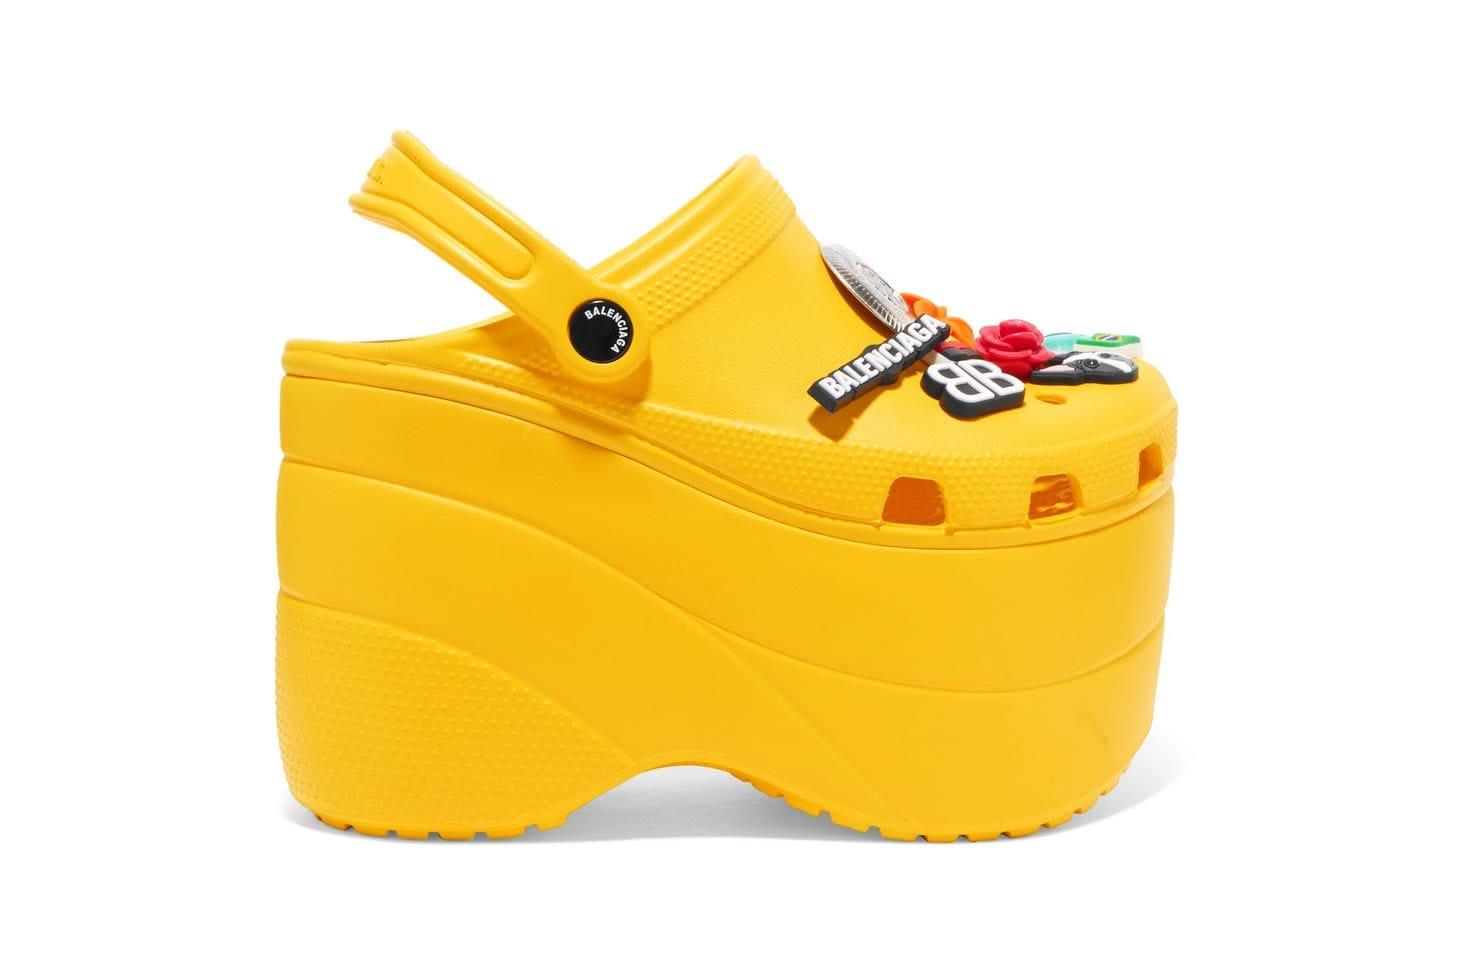 Platform Crocs Arrive in Yellow